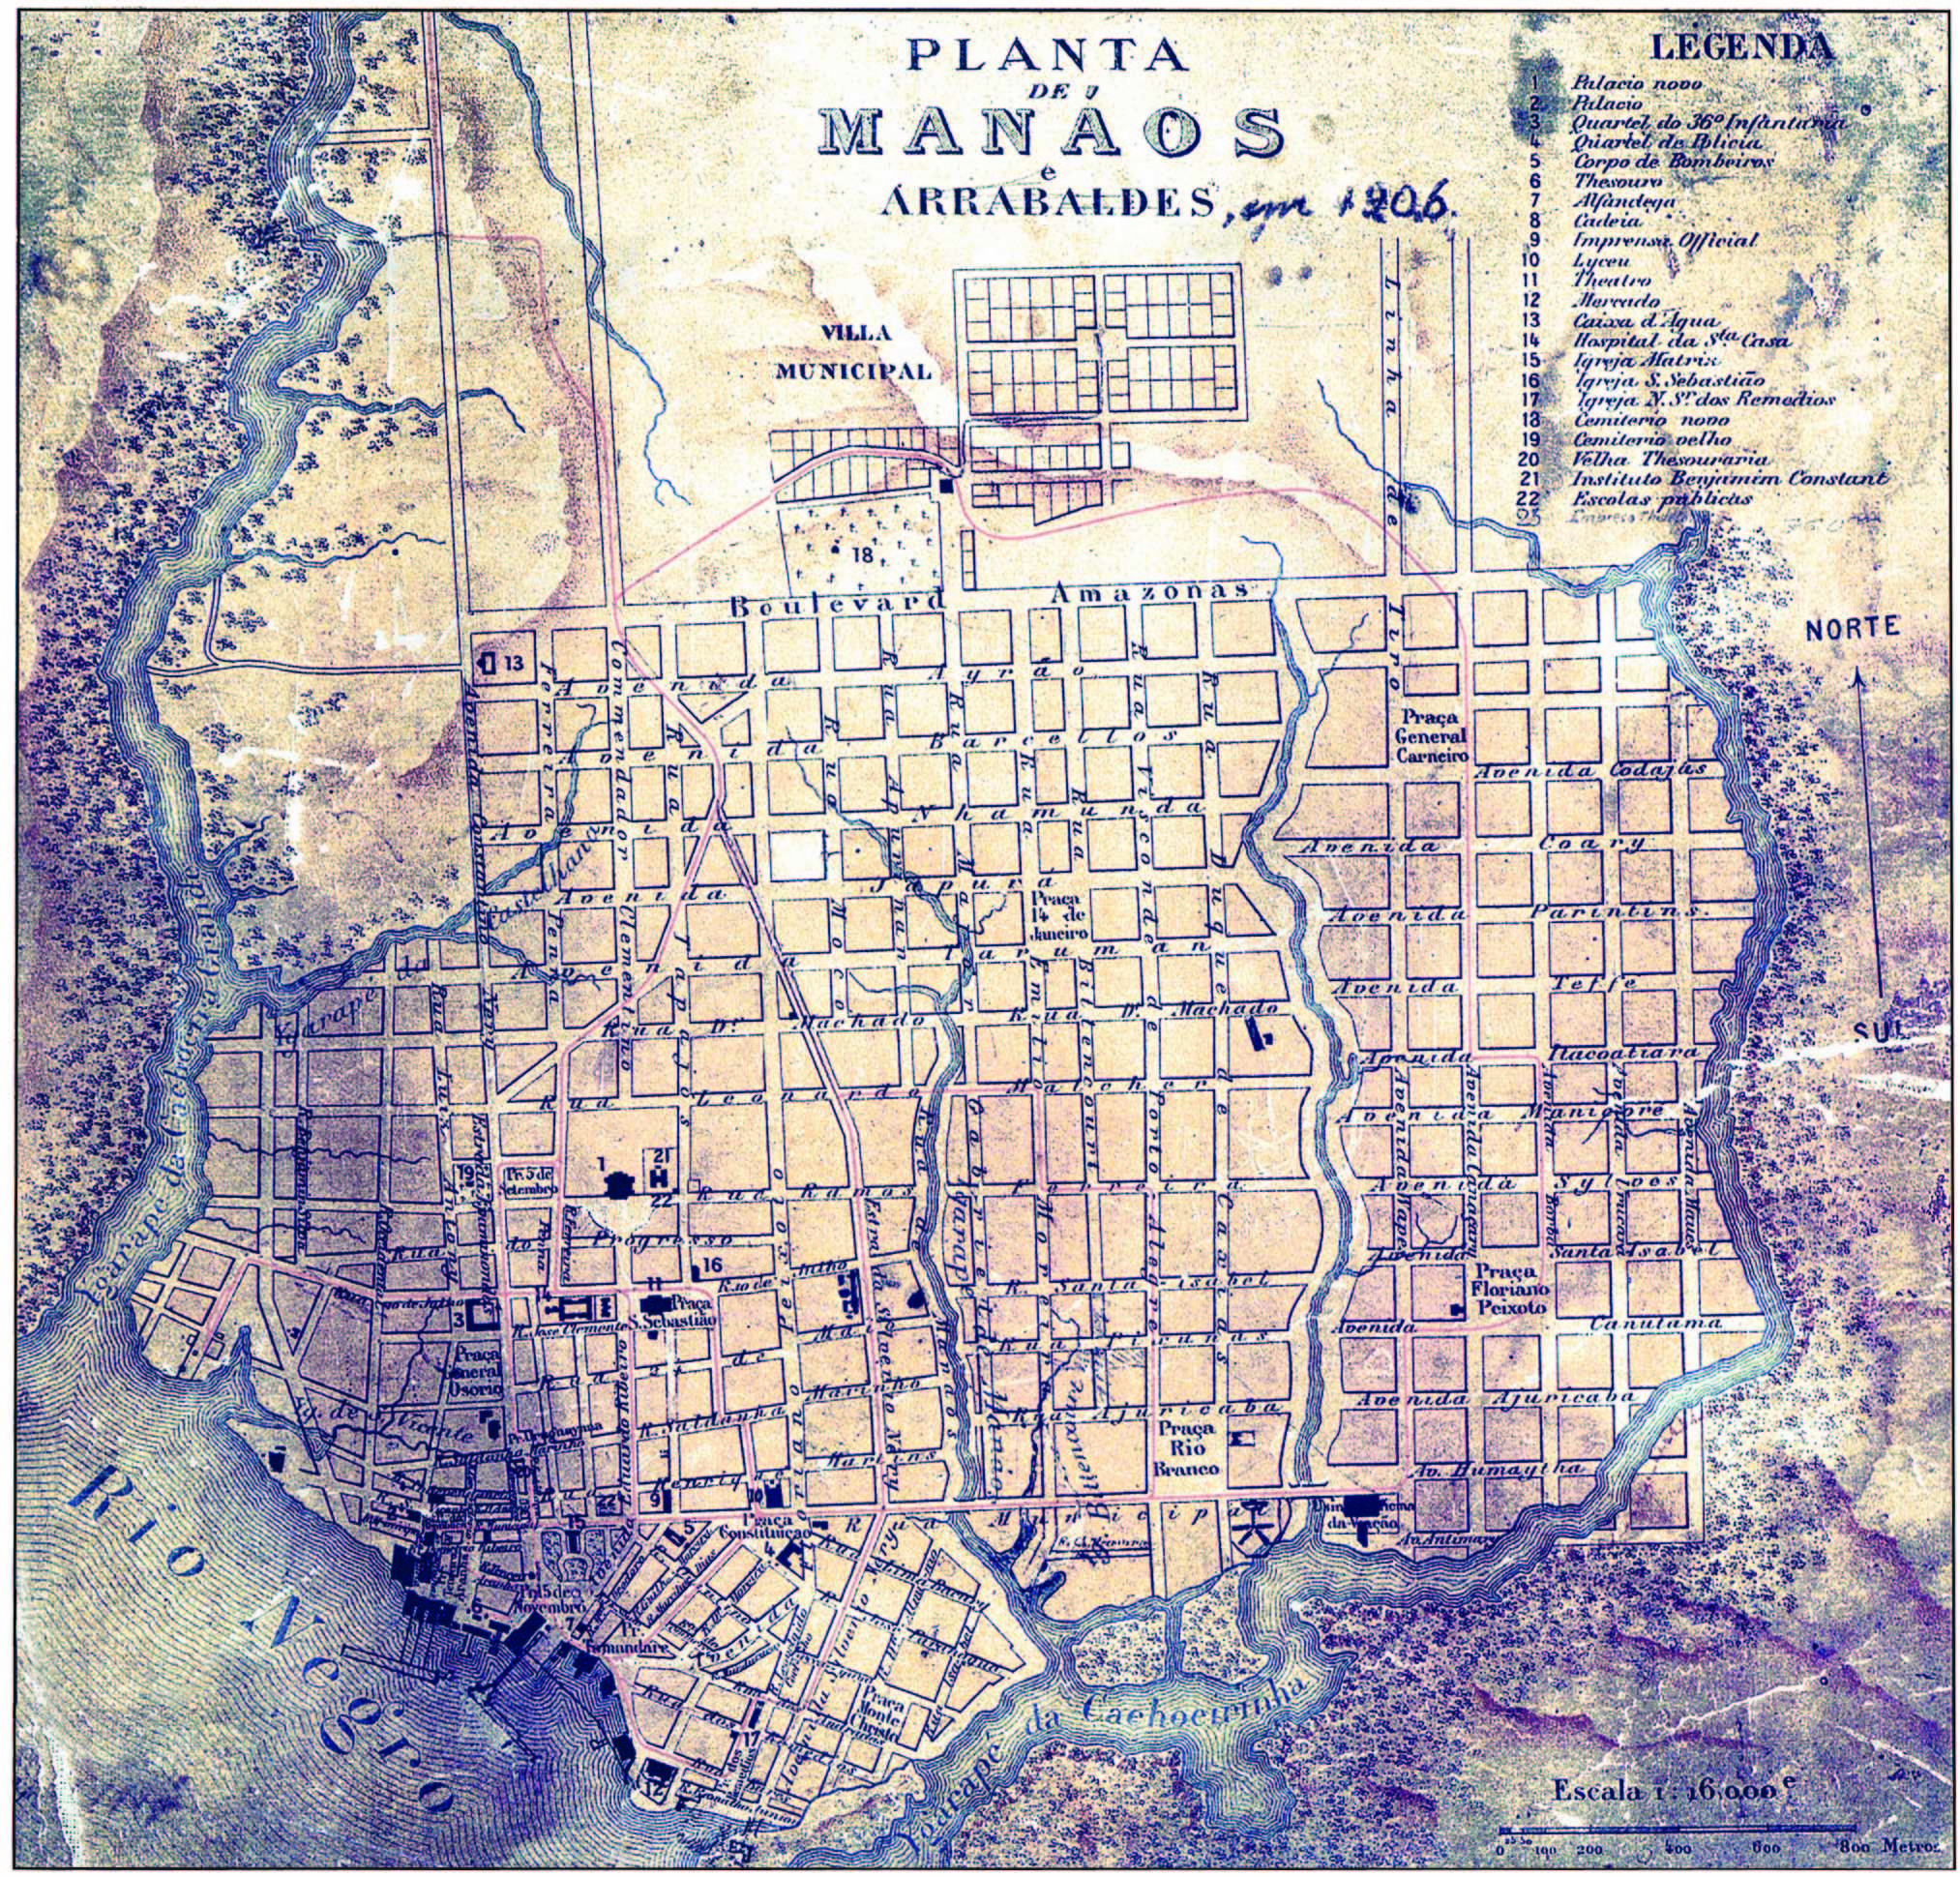 Planta de Manáos e Arrabaldes de 1906